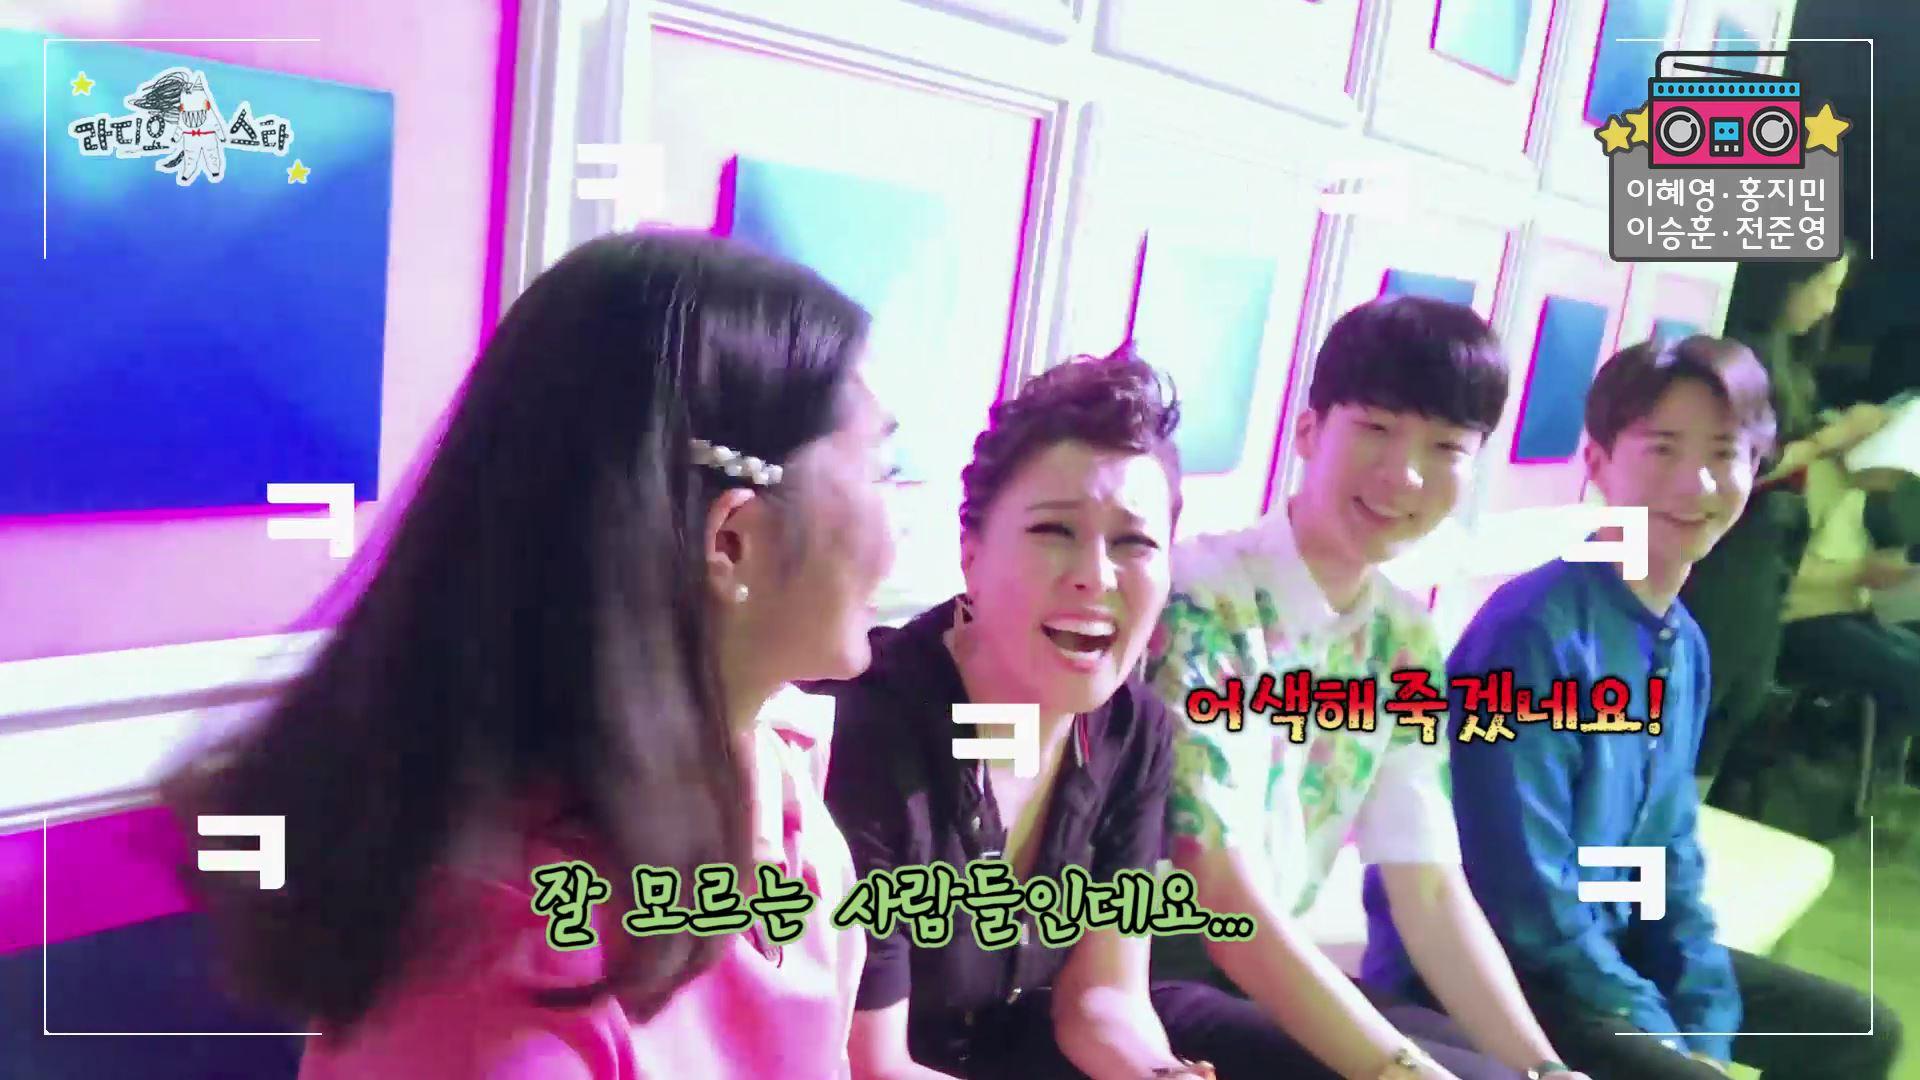 [셀프캠] '라디오스타' 이혜영-홍지민-이승훈-전준영PD, 진짜 잘 모르는 사람들의 만남?